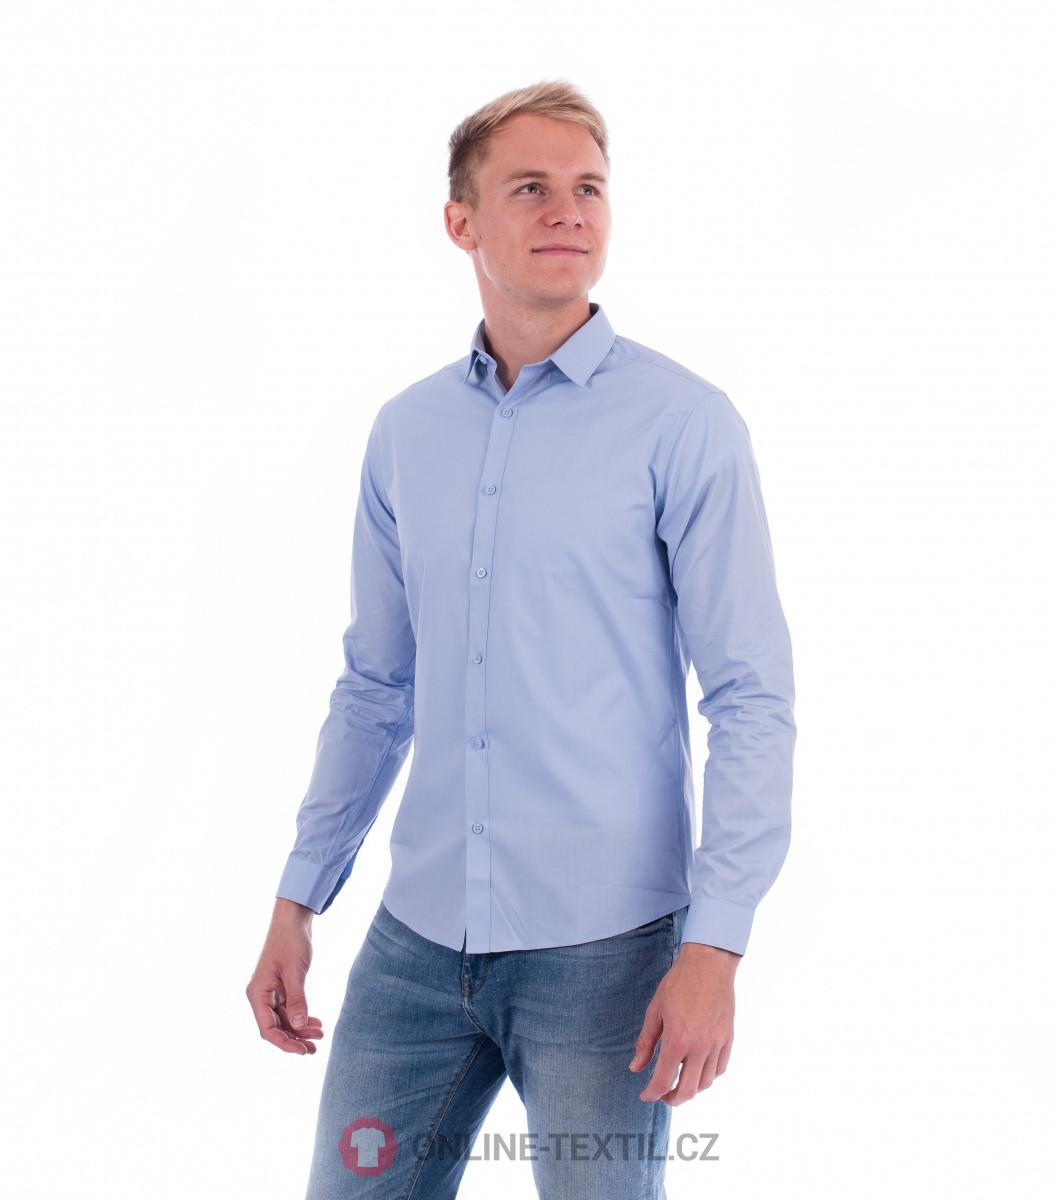 ADLER CZECH Malfini Premium Dynamic košile pánská 262 - light blue z ... 4c3d349d06